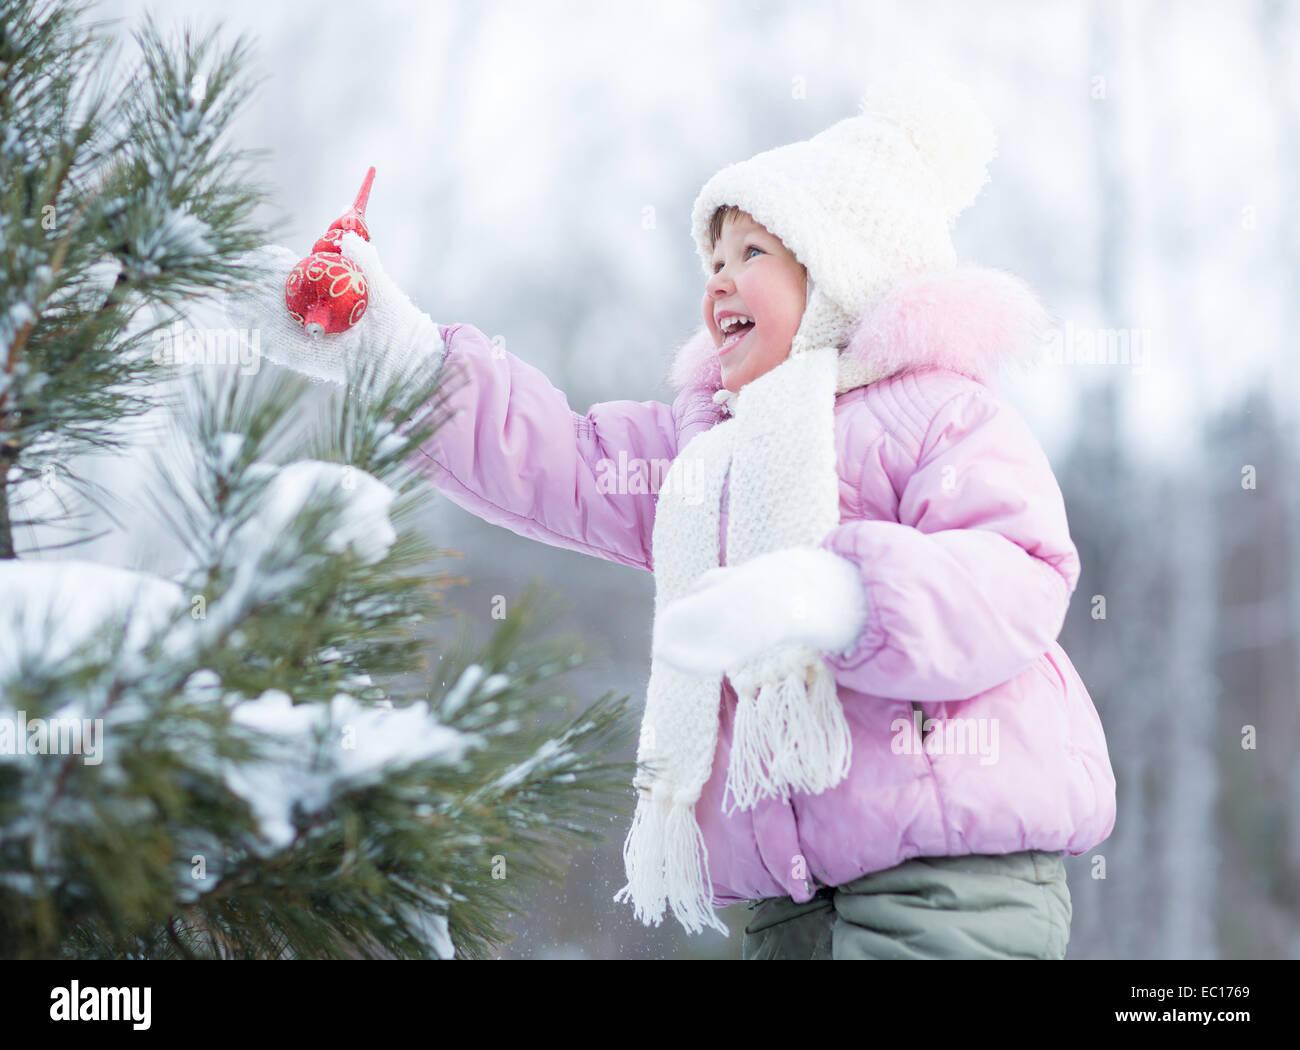 Niño feliz haciendo adornos del árbol de Navidad en el exterior Imagen De Stock